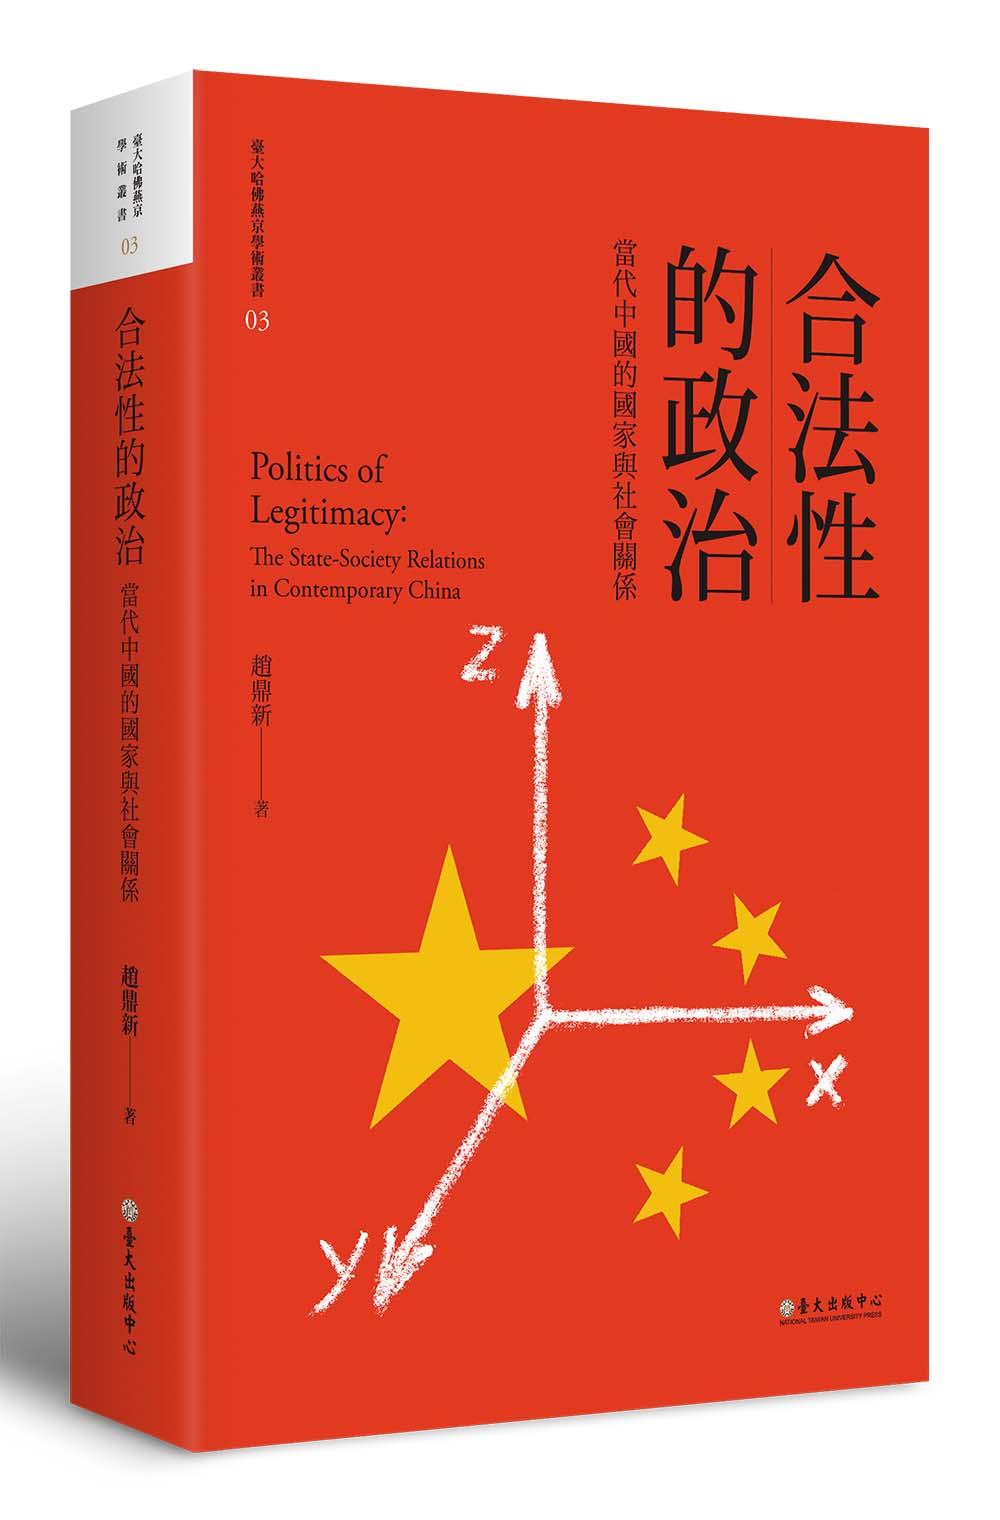 合法性的政治──當代中國的國家與社會關係(已絕版)(限量精裝版)